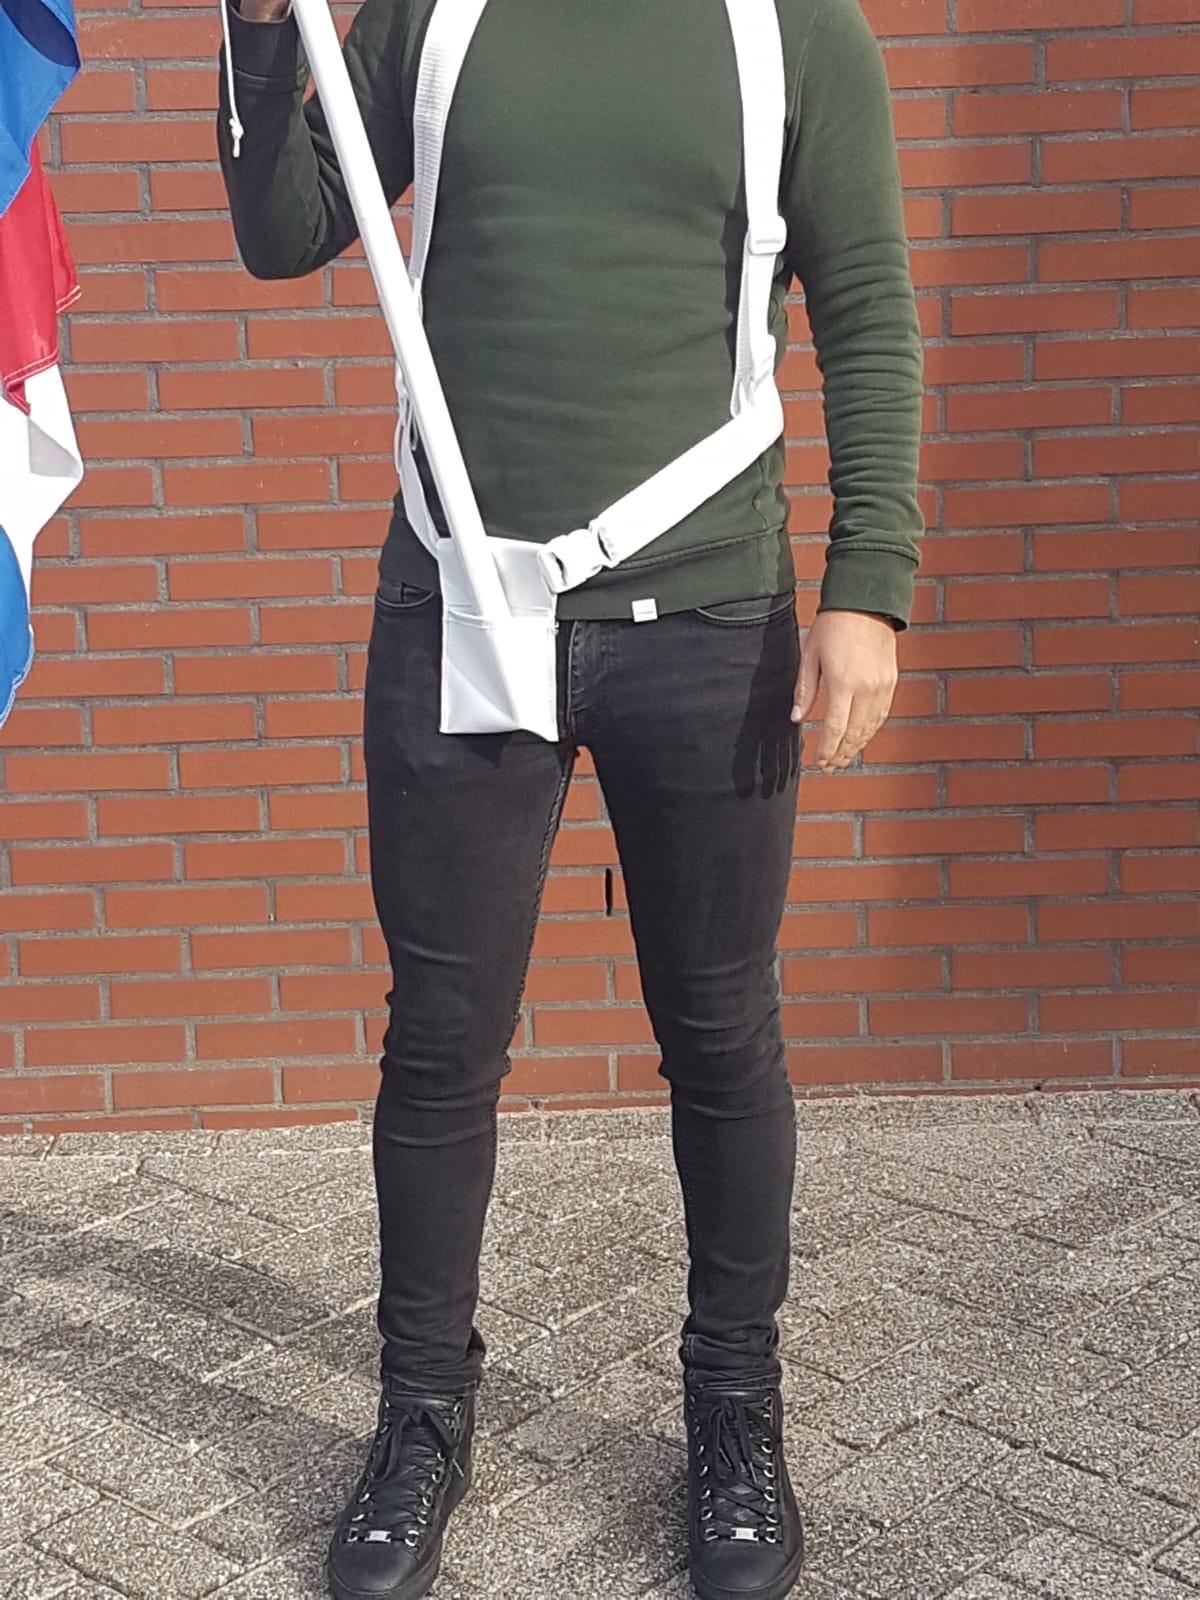 Draagriem Bandelier wit voor vlaggenstok